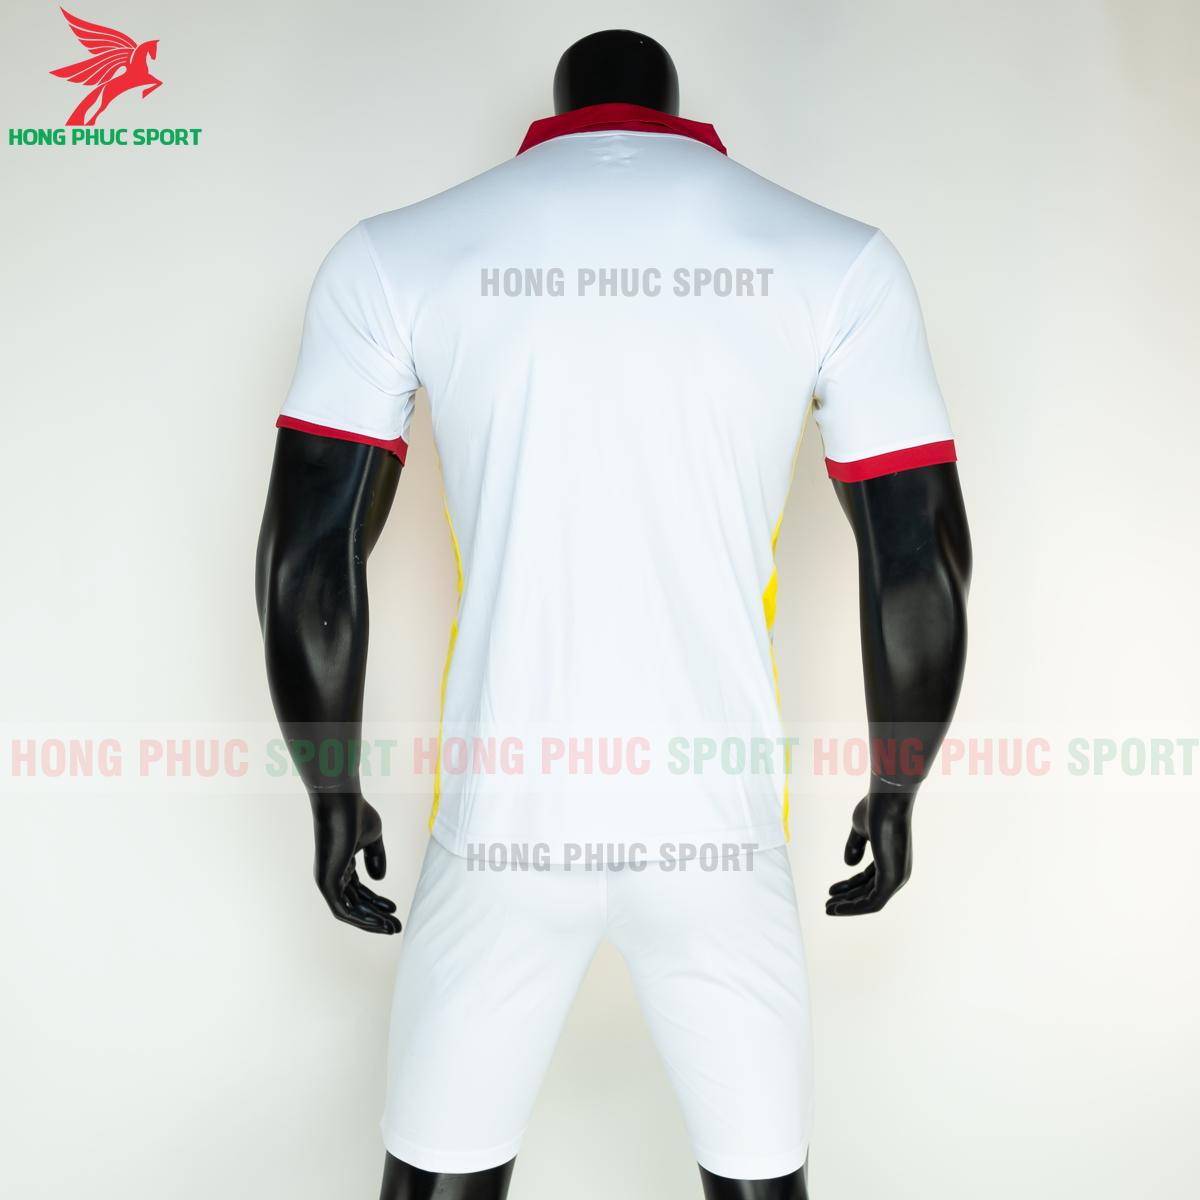 https://cdn.hongphucsport.com/unsafe/s4.shopbay.vn/files/285/ao-bong-da-tuyen-viet-nam-2021-san-khach-7-60503820e11b4.png